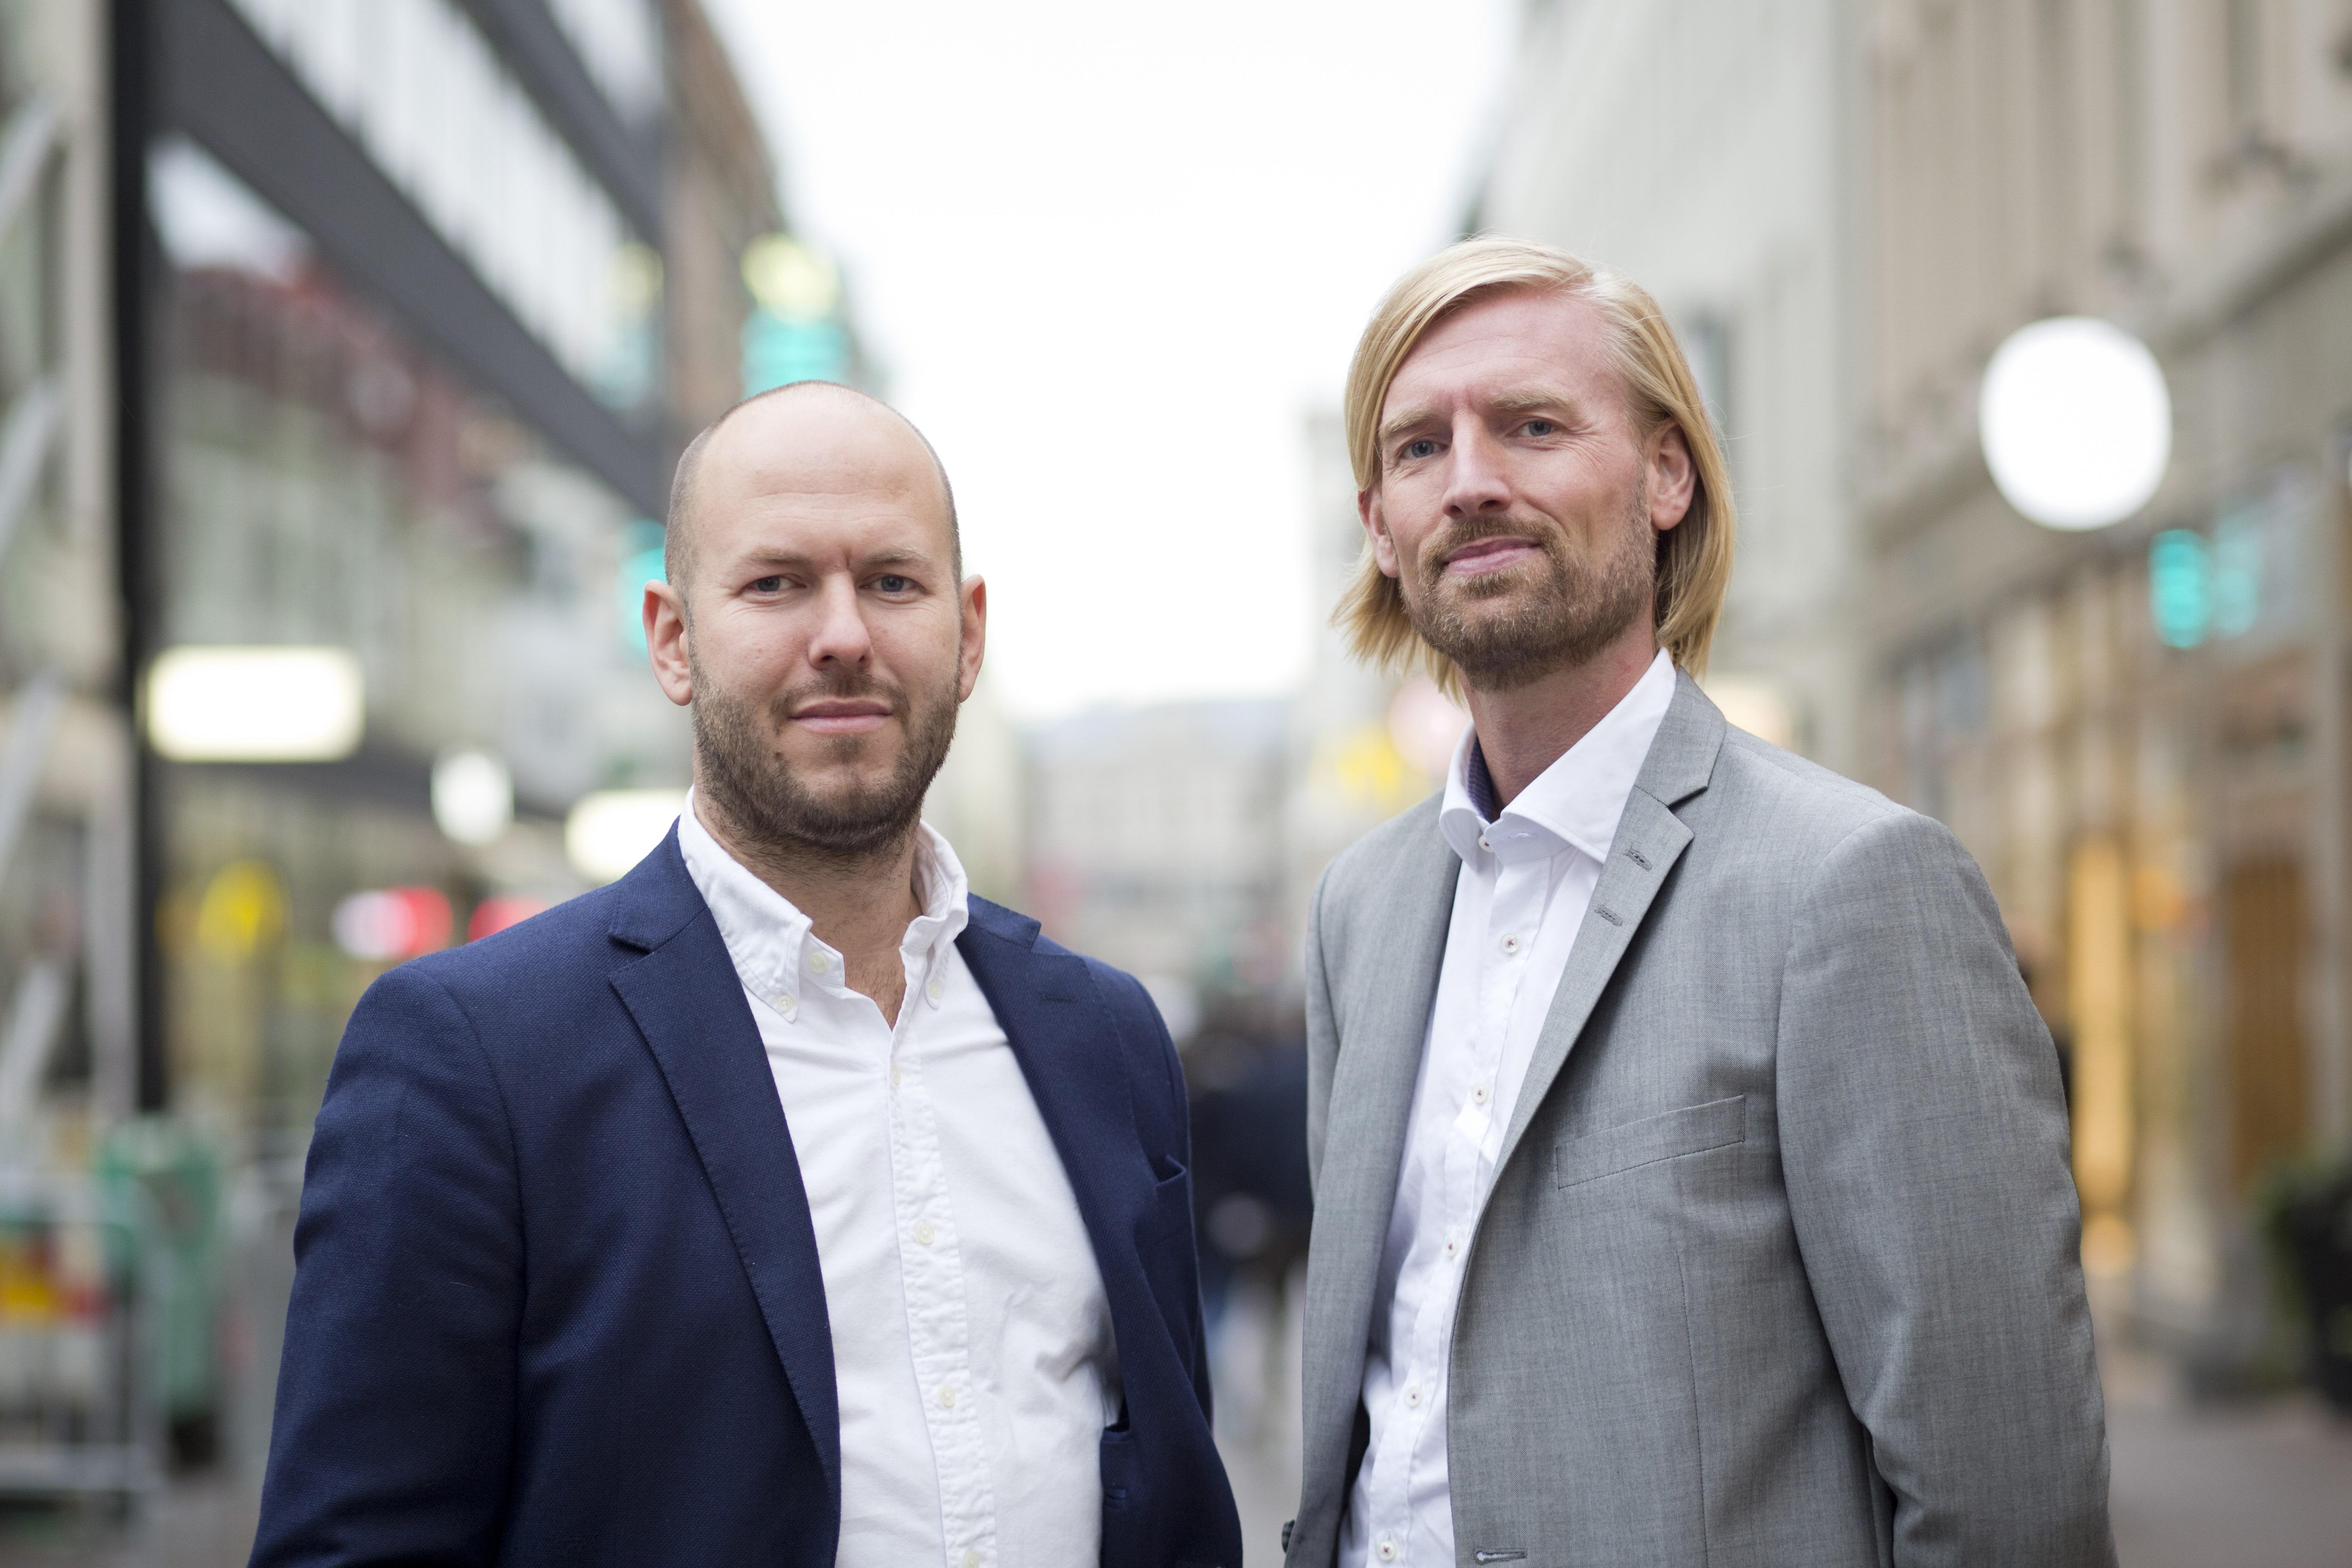 Svenska Alarm går mot ett rekordår. På ett år har Svenska Alarm ökat omsättningen med över 50 procent. i Augusti dubblades försäljningen.